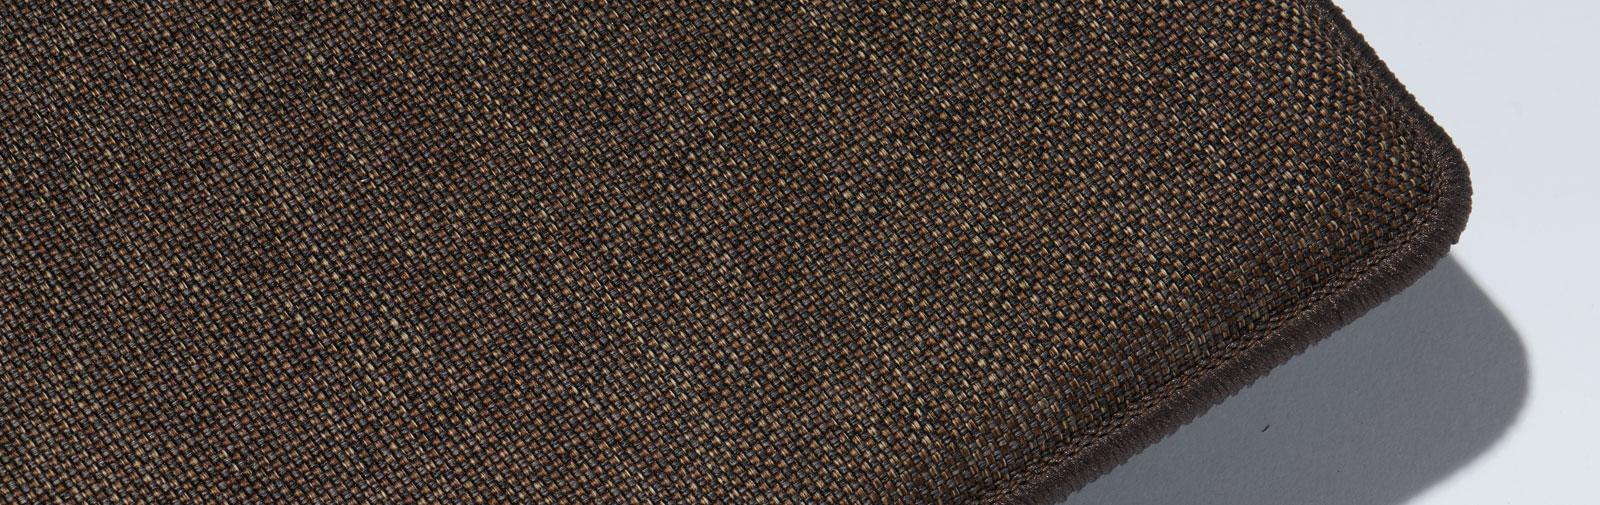 coussin Bankauflage Simplex code couleur 629 couleur brun